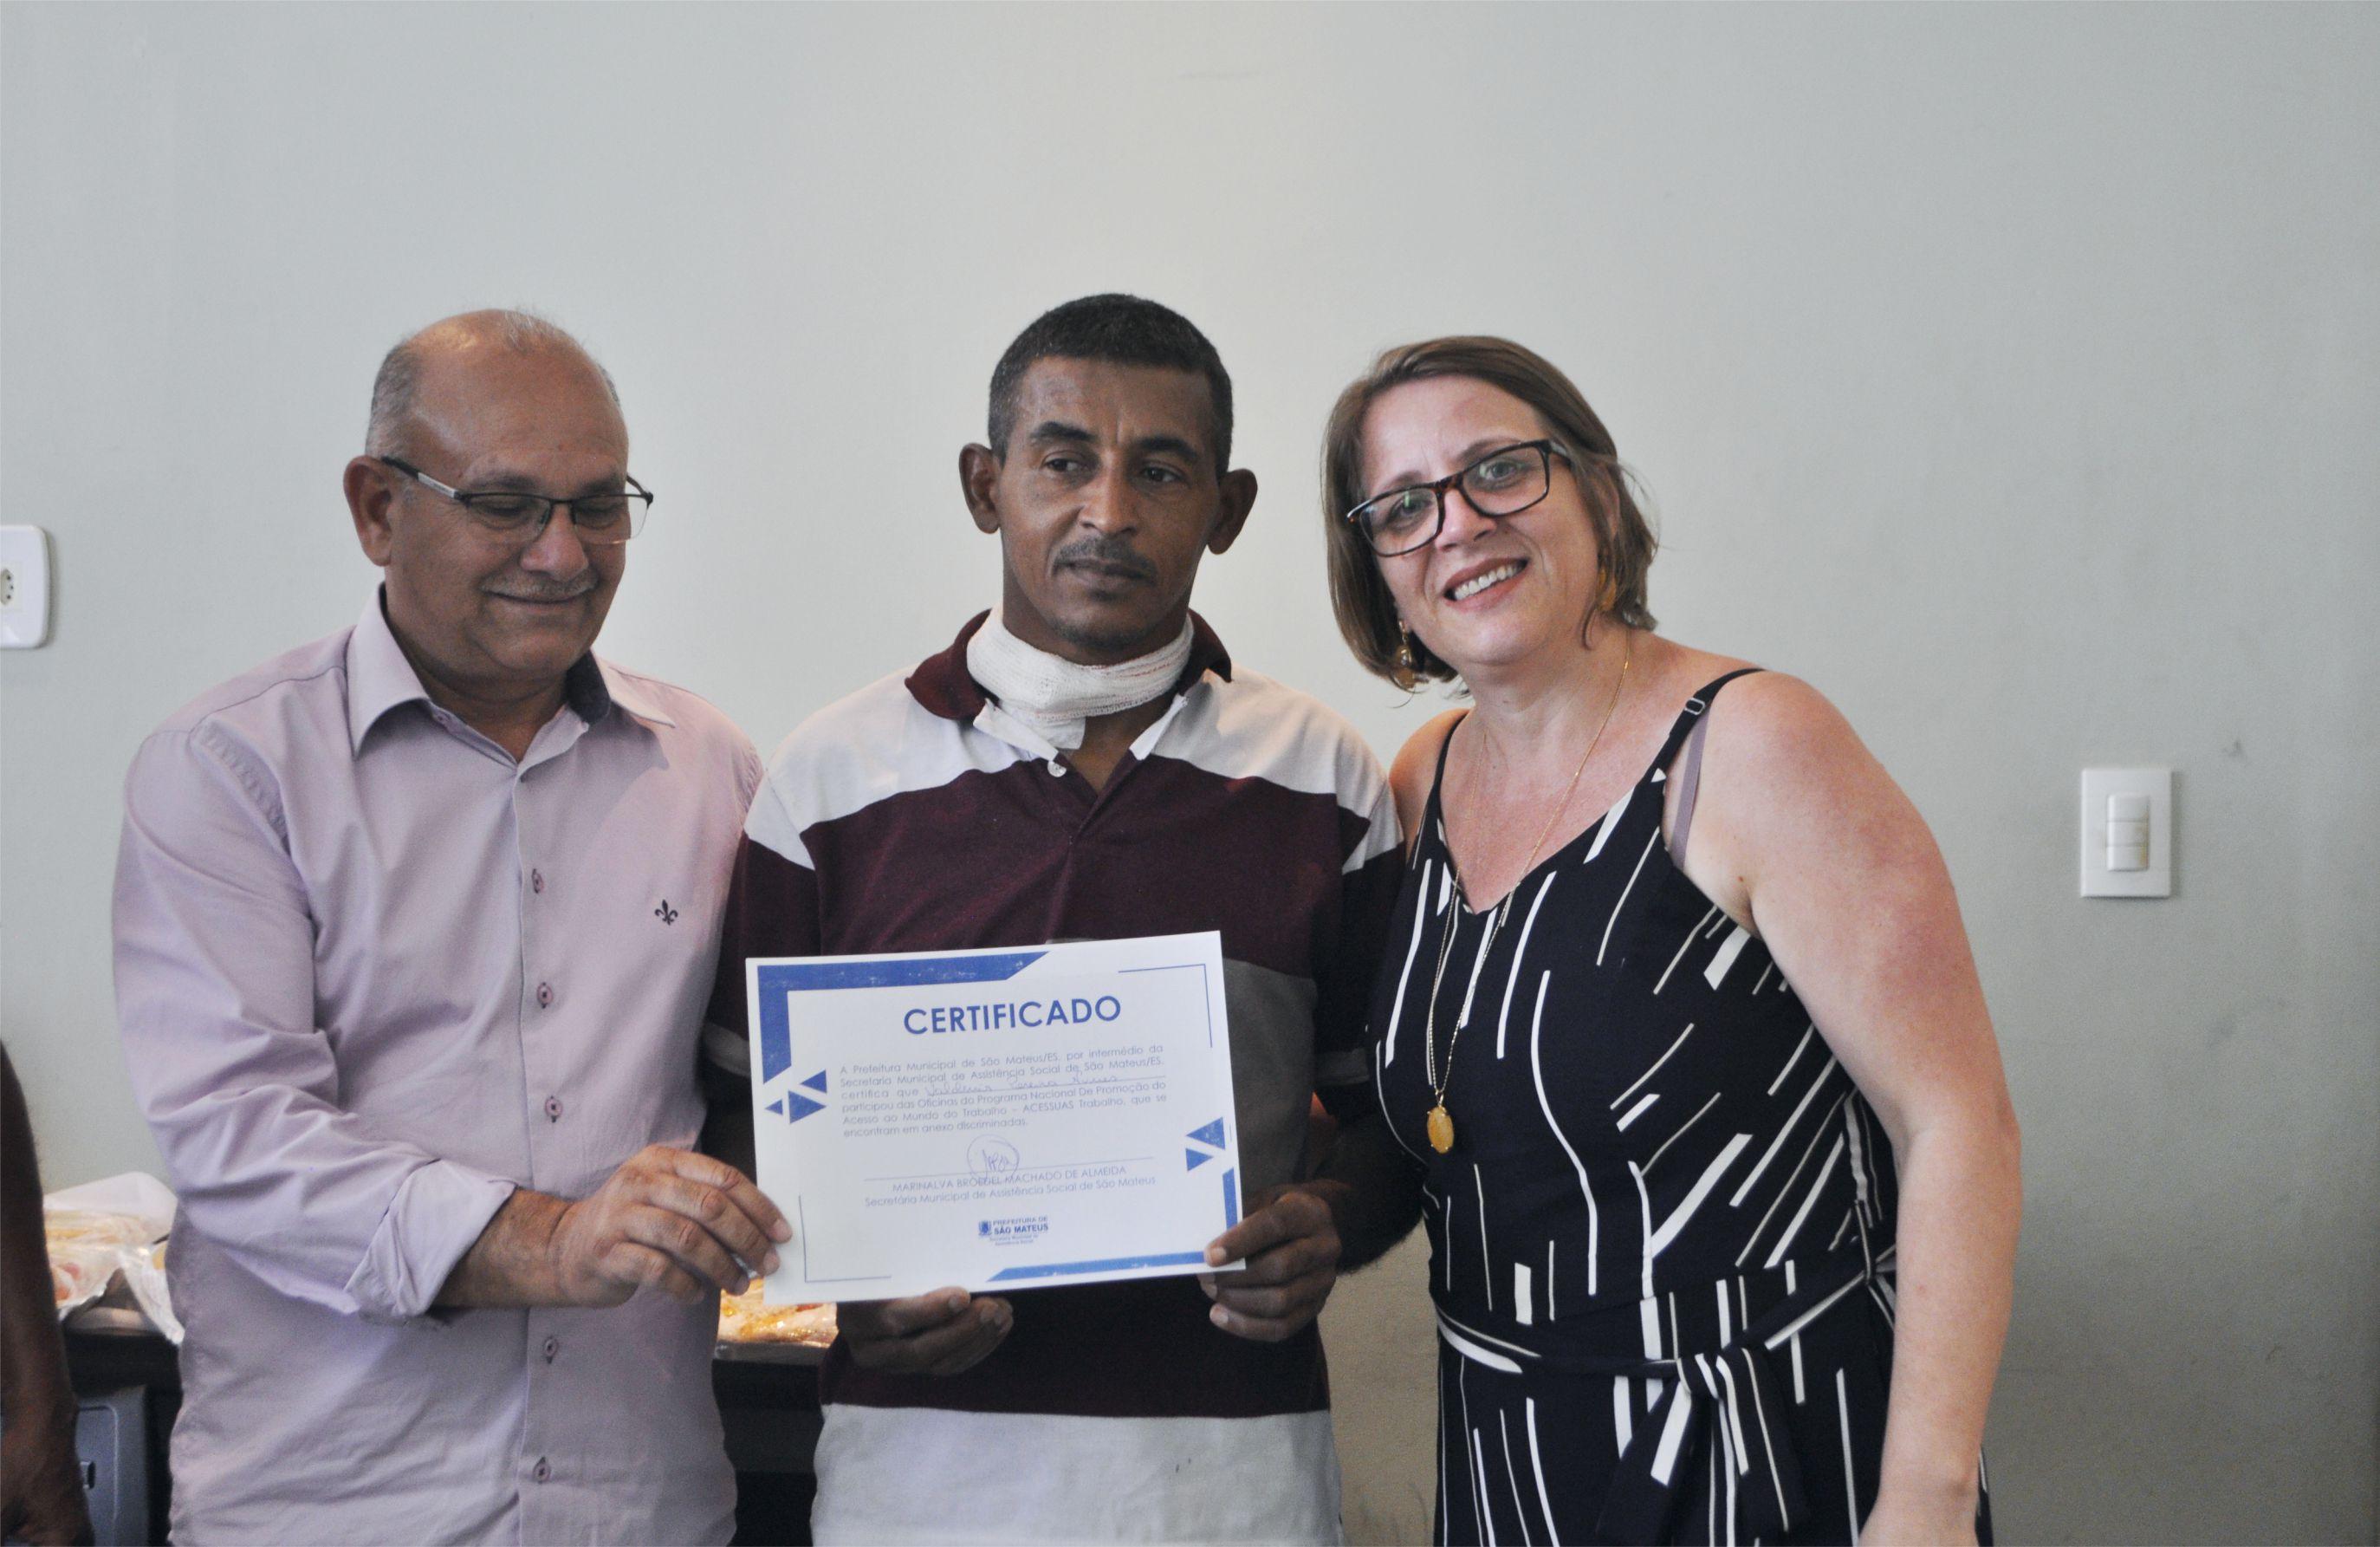 PMSM Entrega Mais De 100 Certificados De Qualificação Profissional